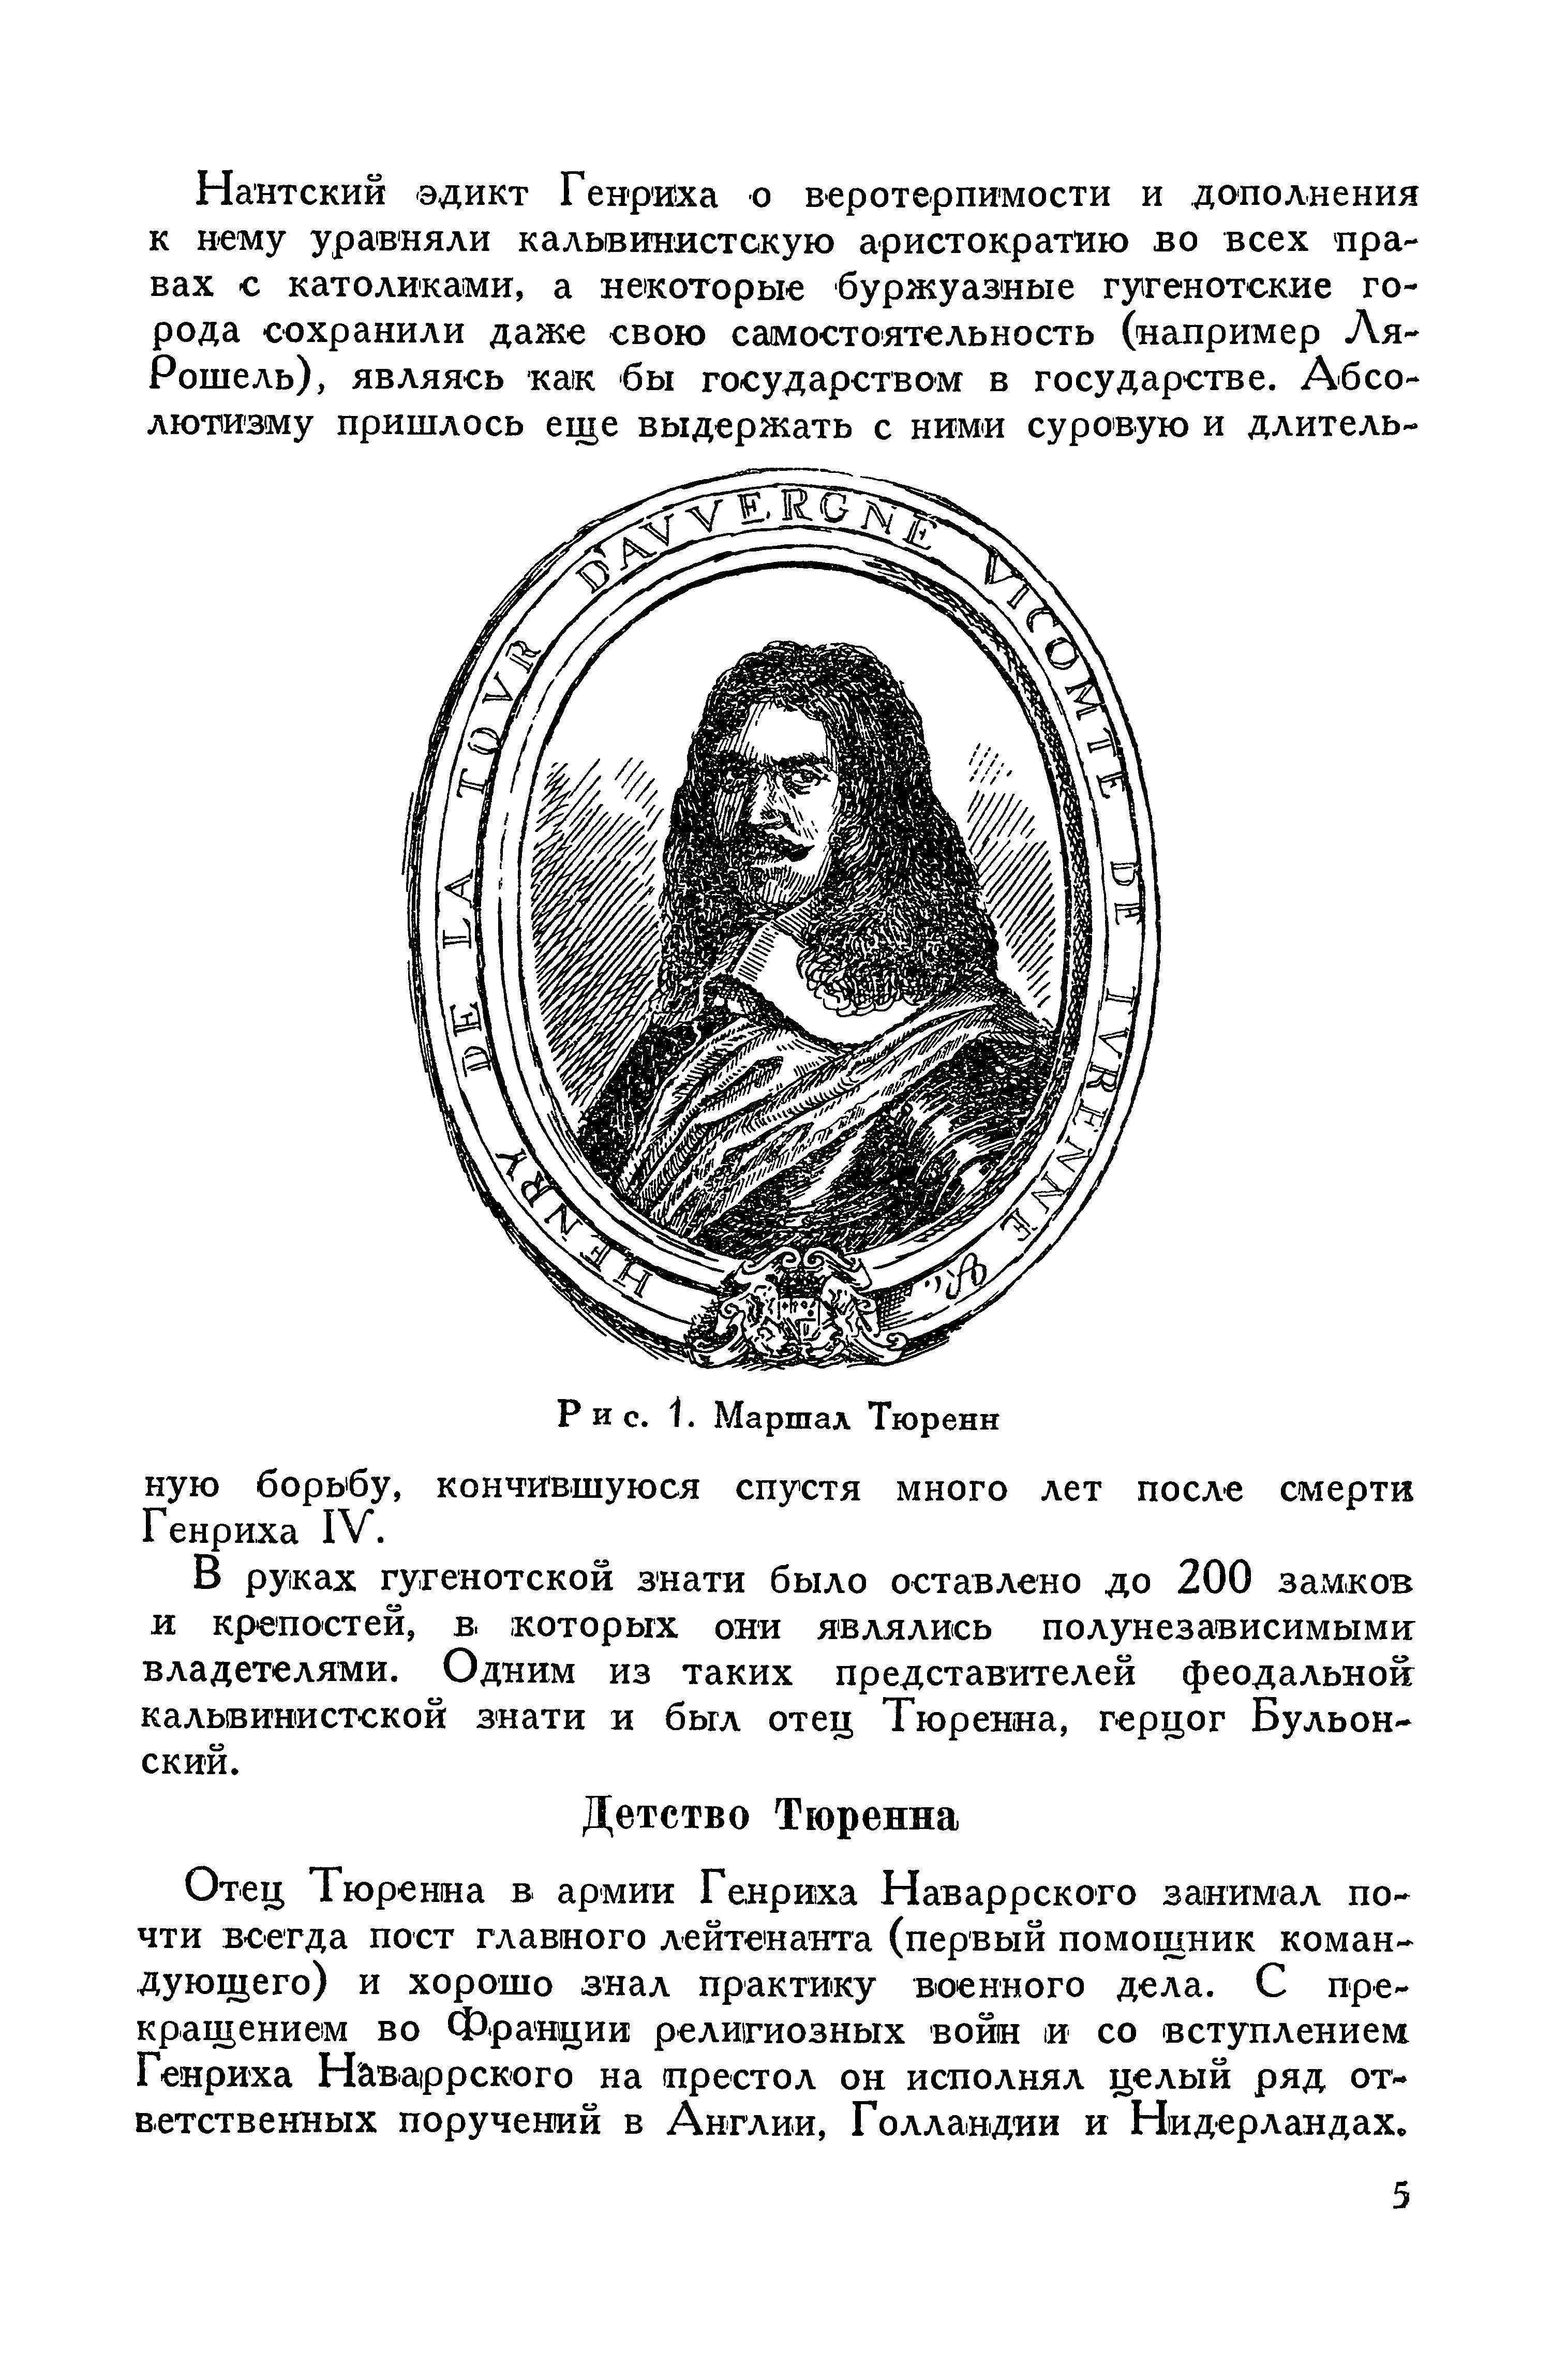 Тюренн - А.Рутченко, М.Тубянский 2.jpg